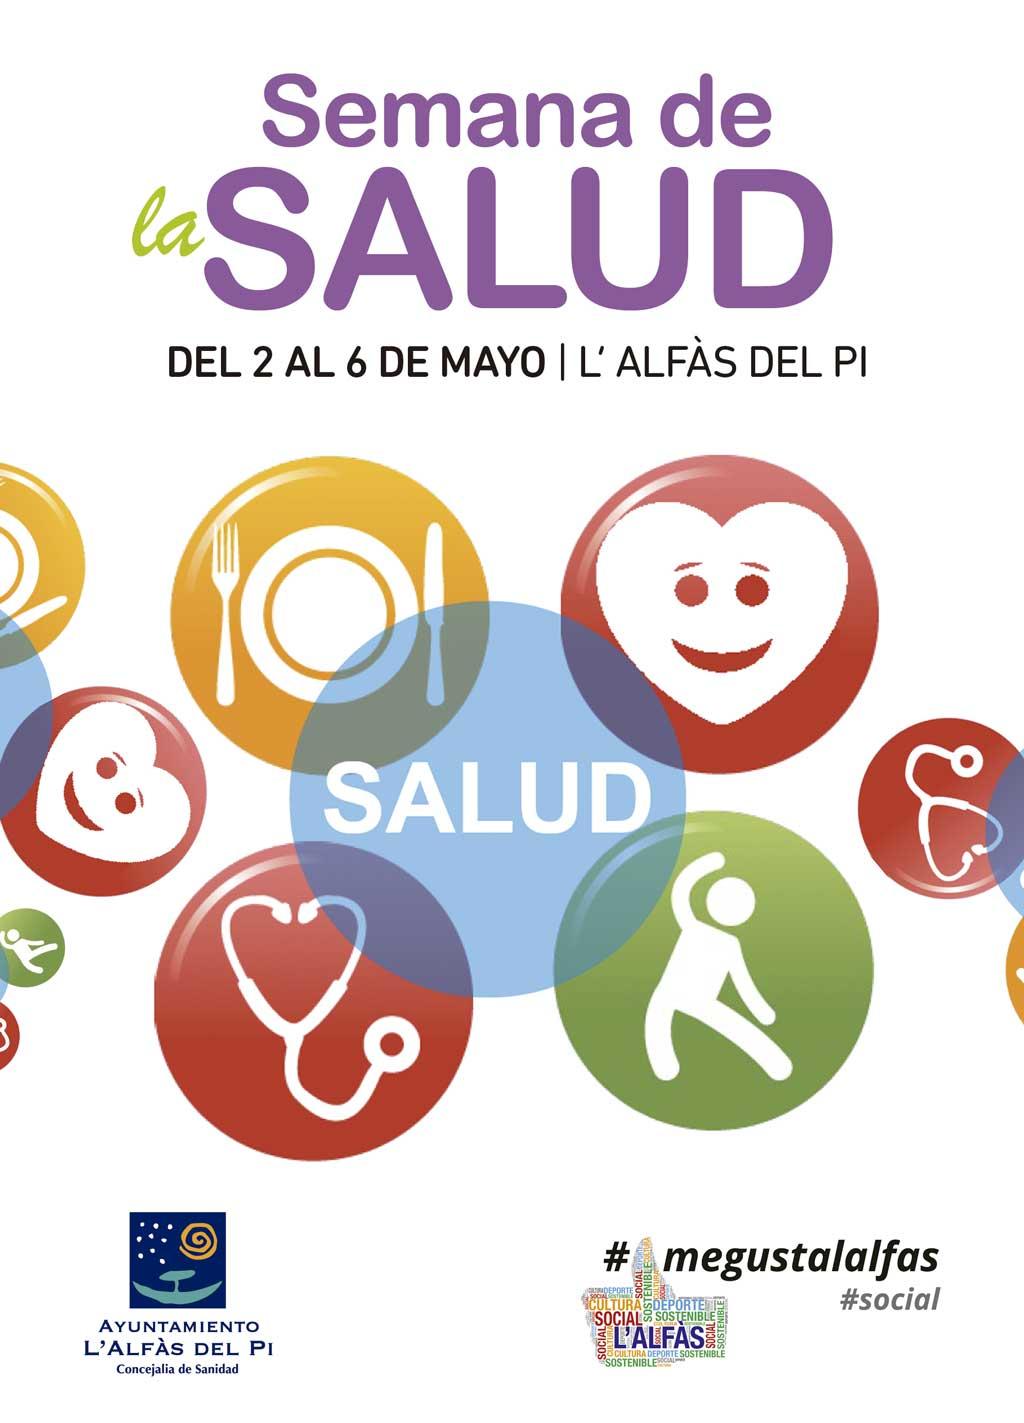 L'Alfàs del Pi organiza una nueva edición de la Semana de la Salud con el objetivo de llegar a todas las edades